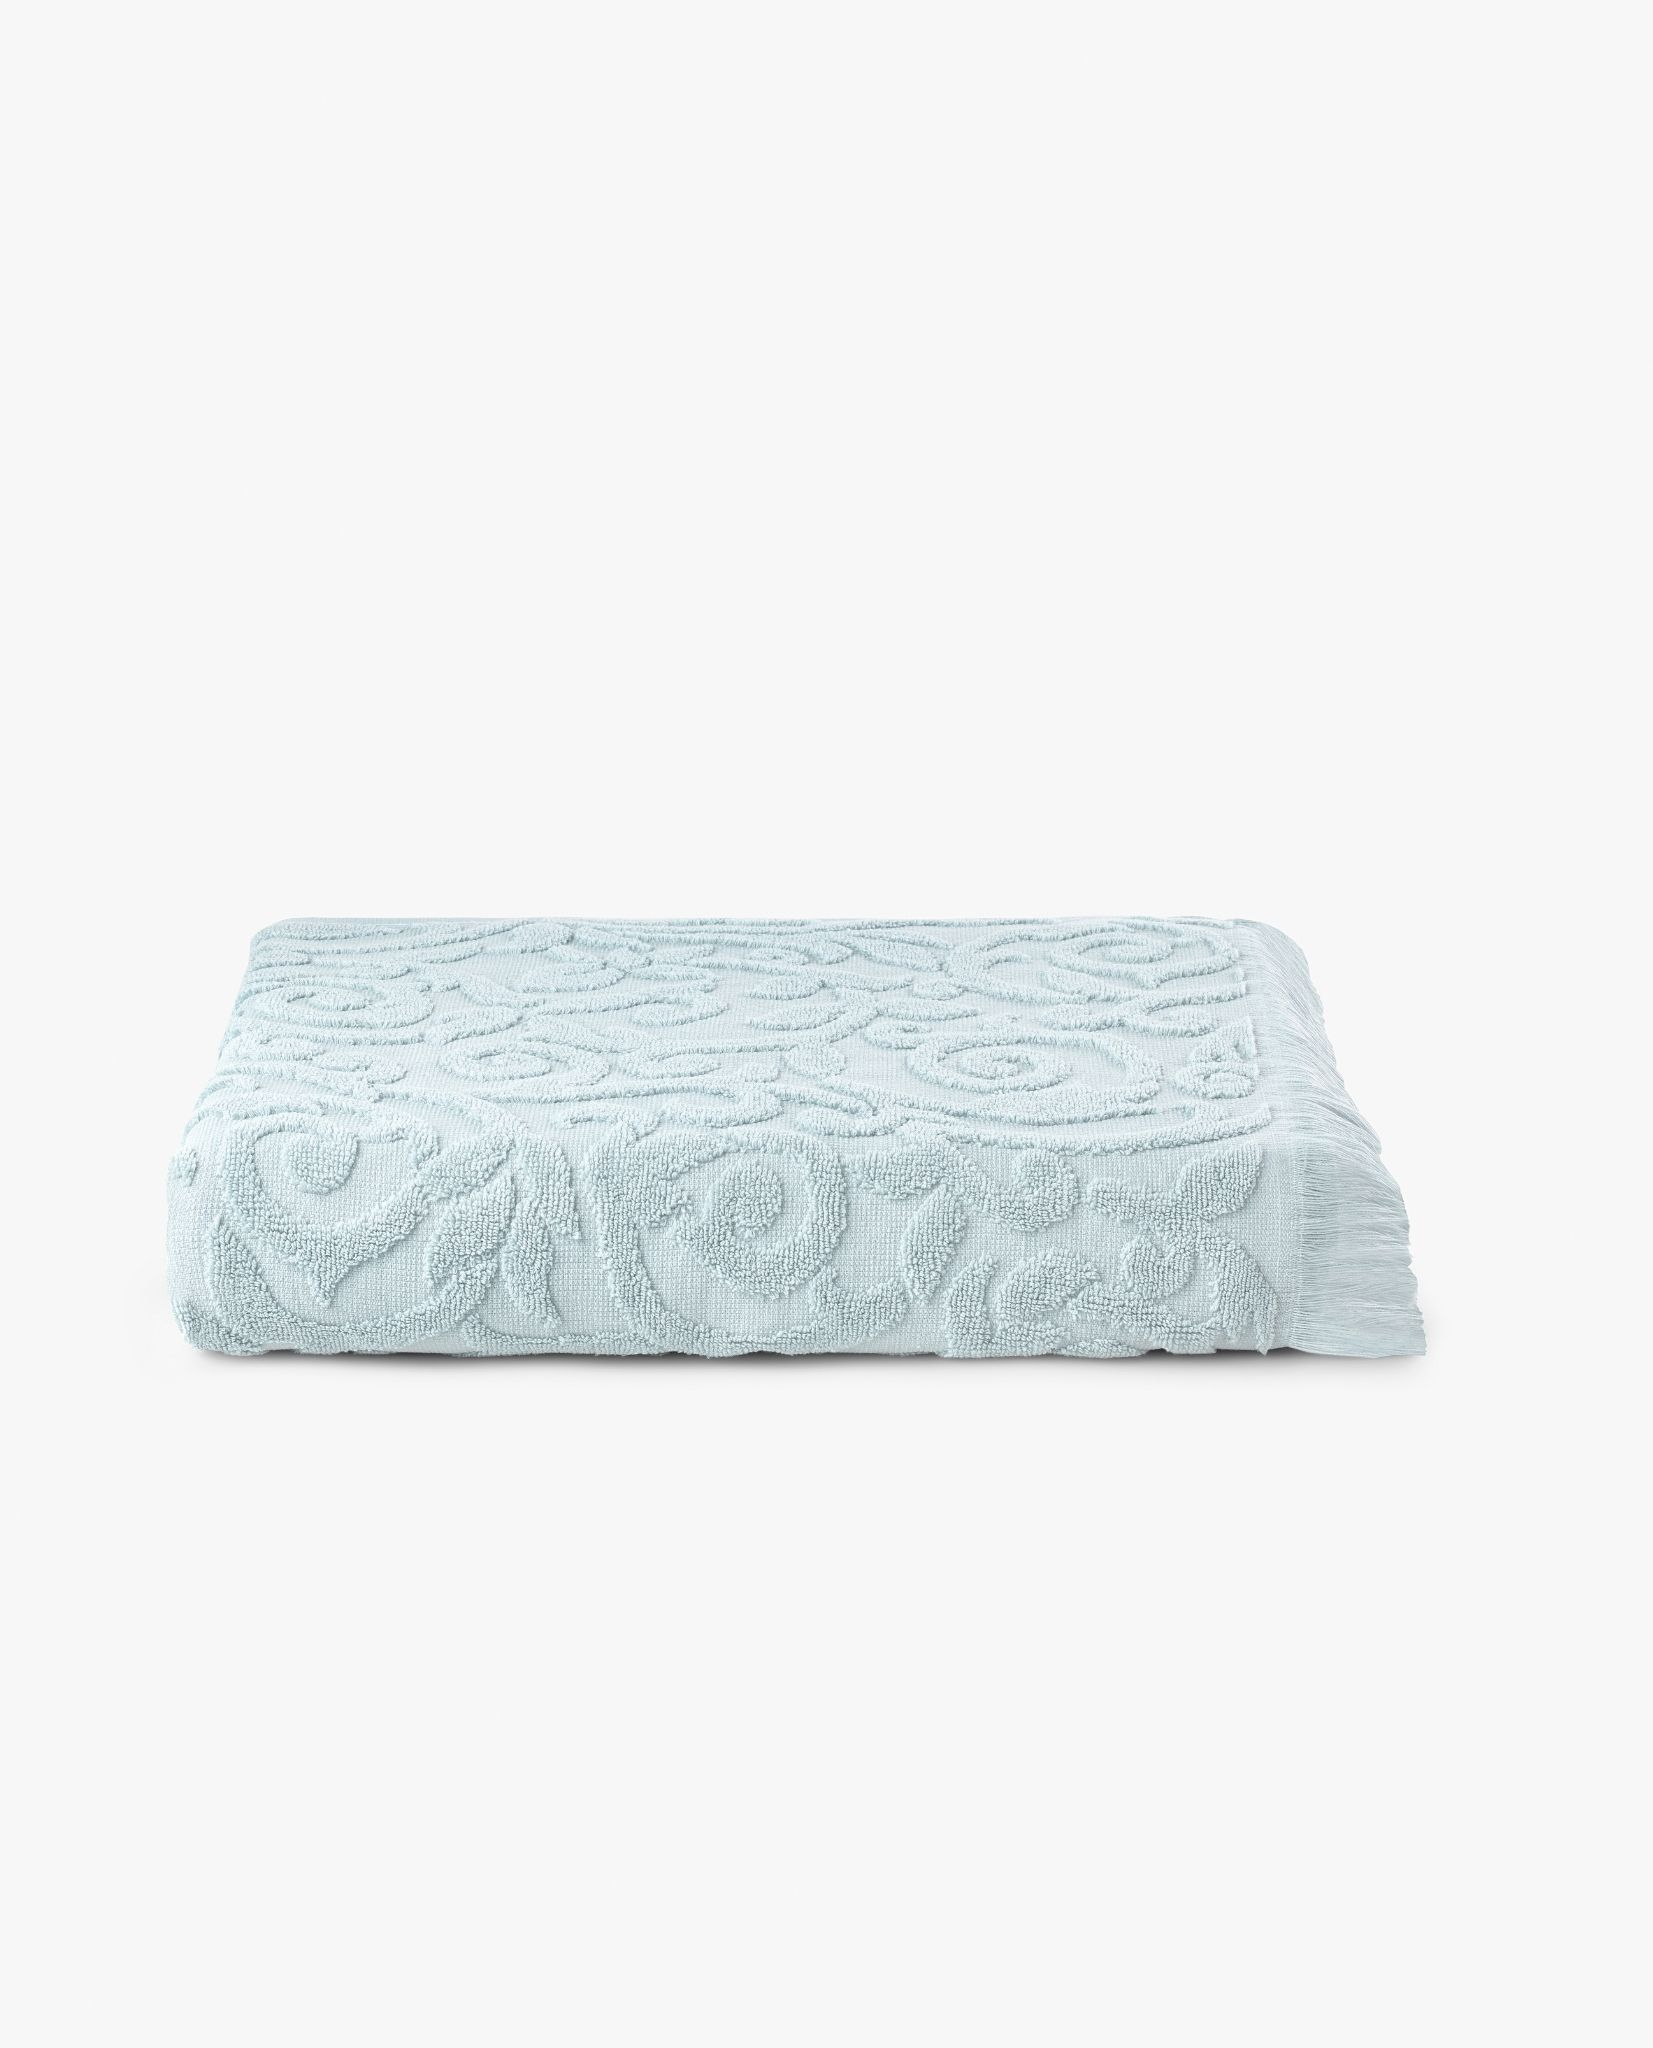 toalha de banho 100% algodão em cor azul celeste